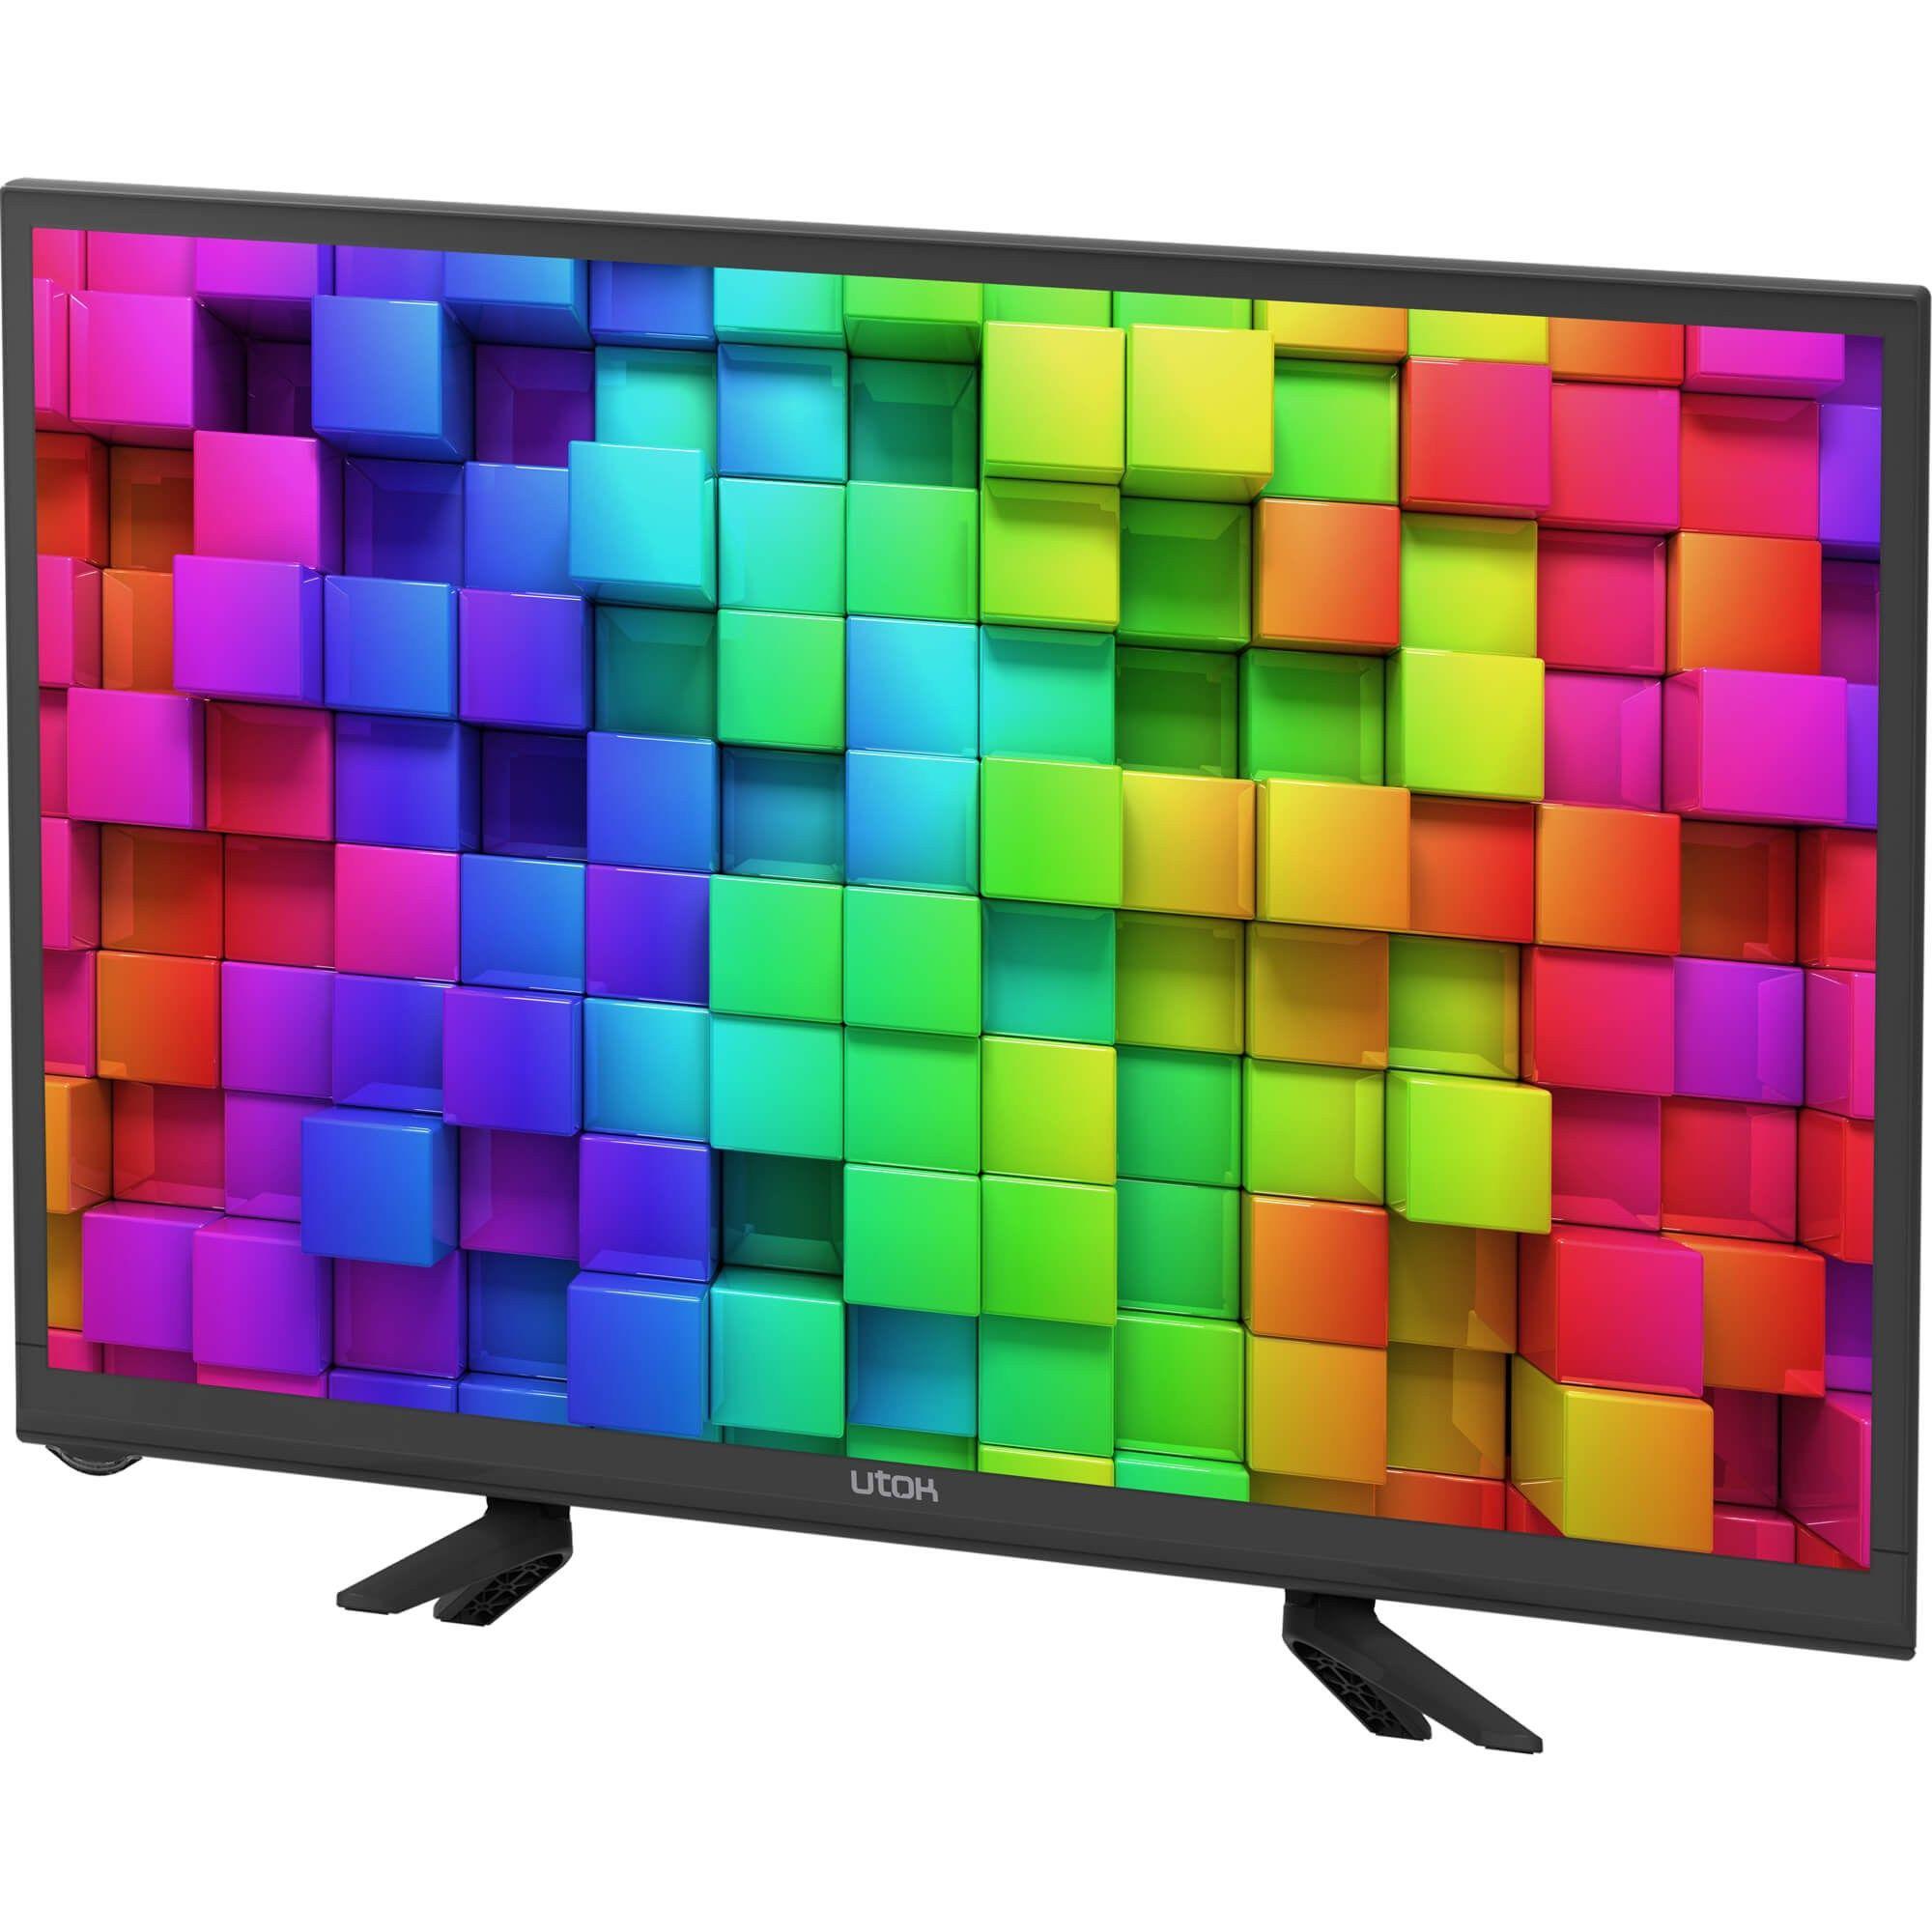 Televizor LED UTOK U24HD3 24 HD Ready Negru